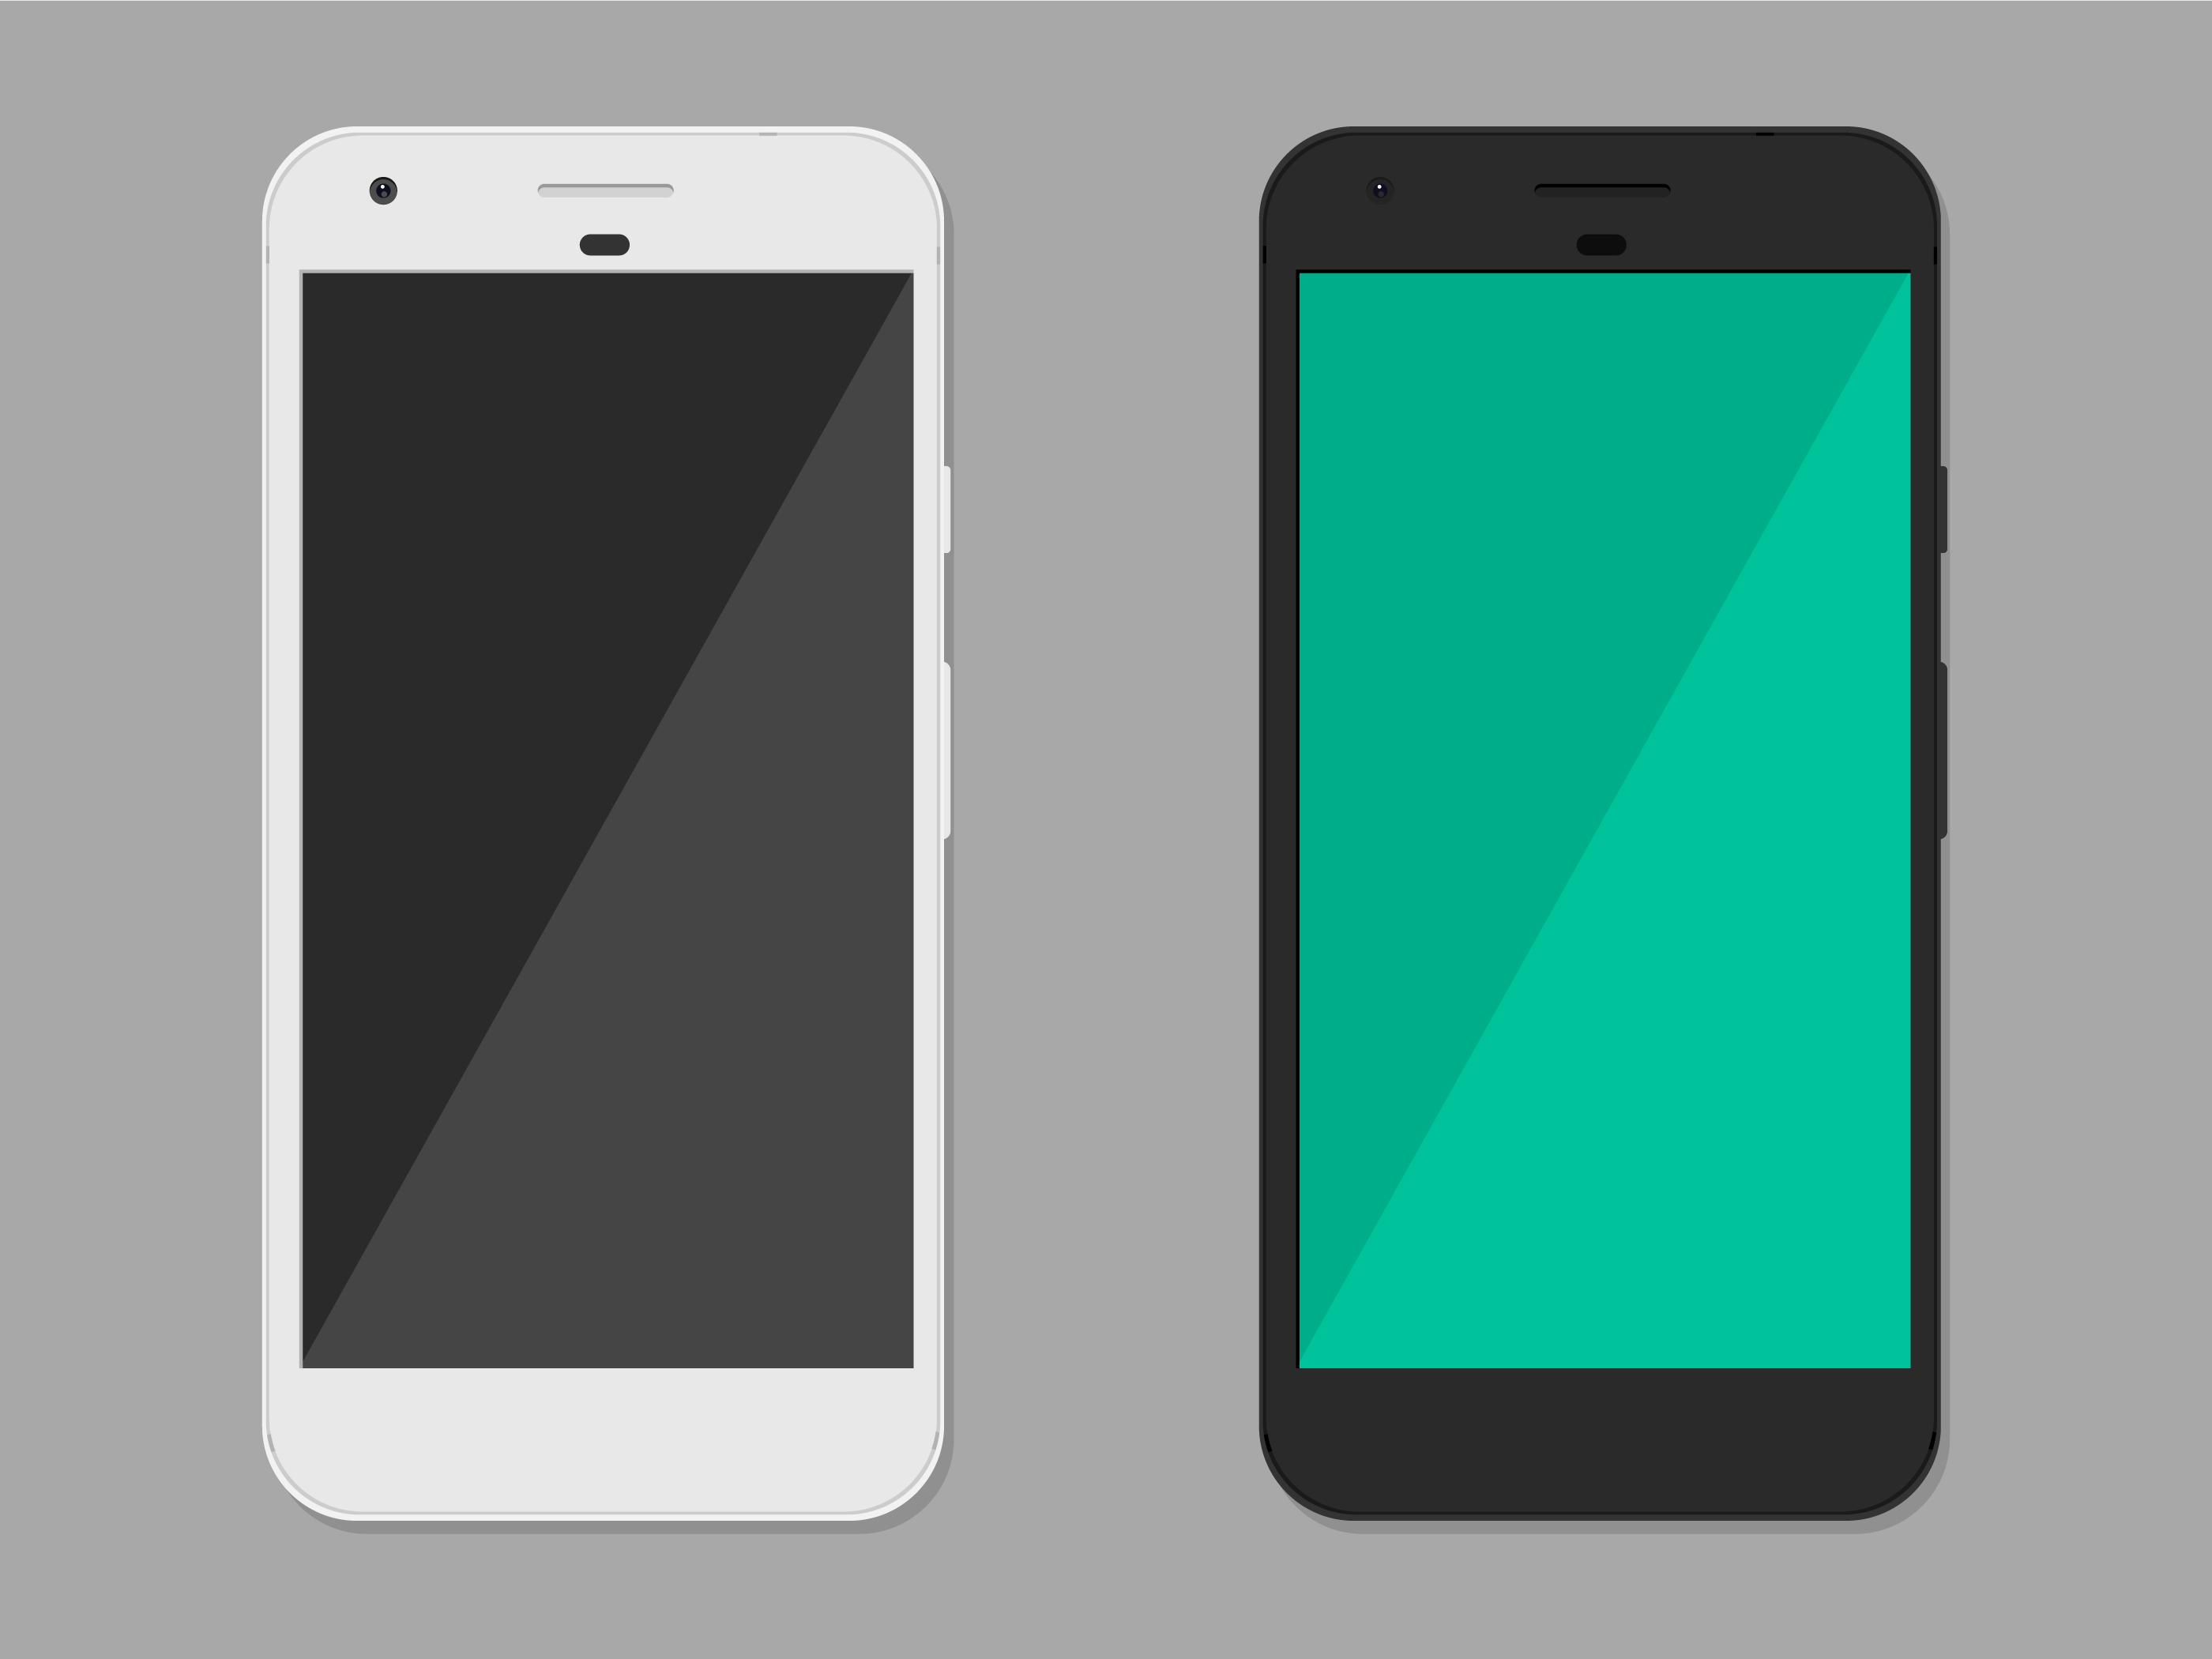 Google Pixel Smartphone Mockup Free Vector Art